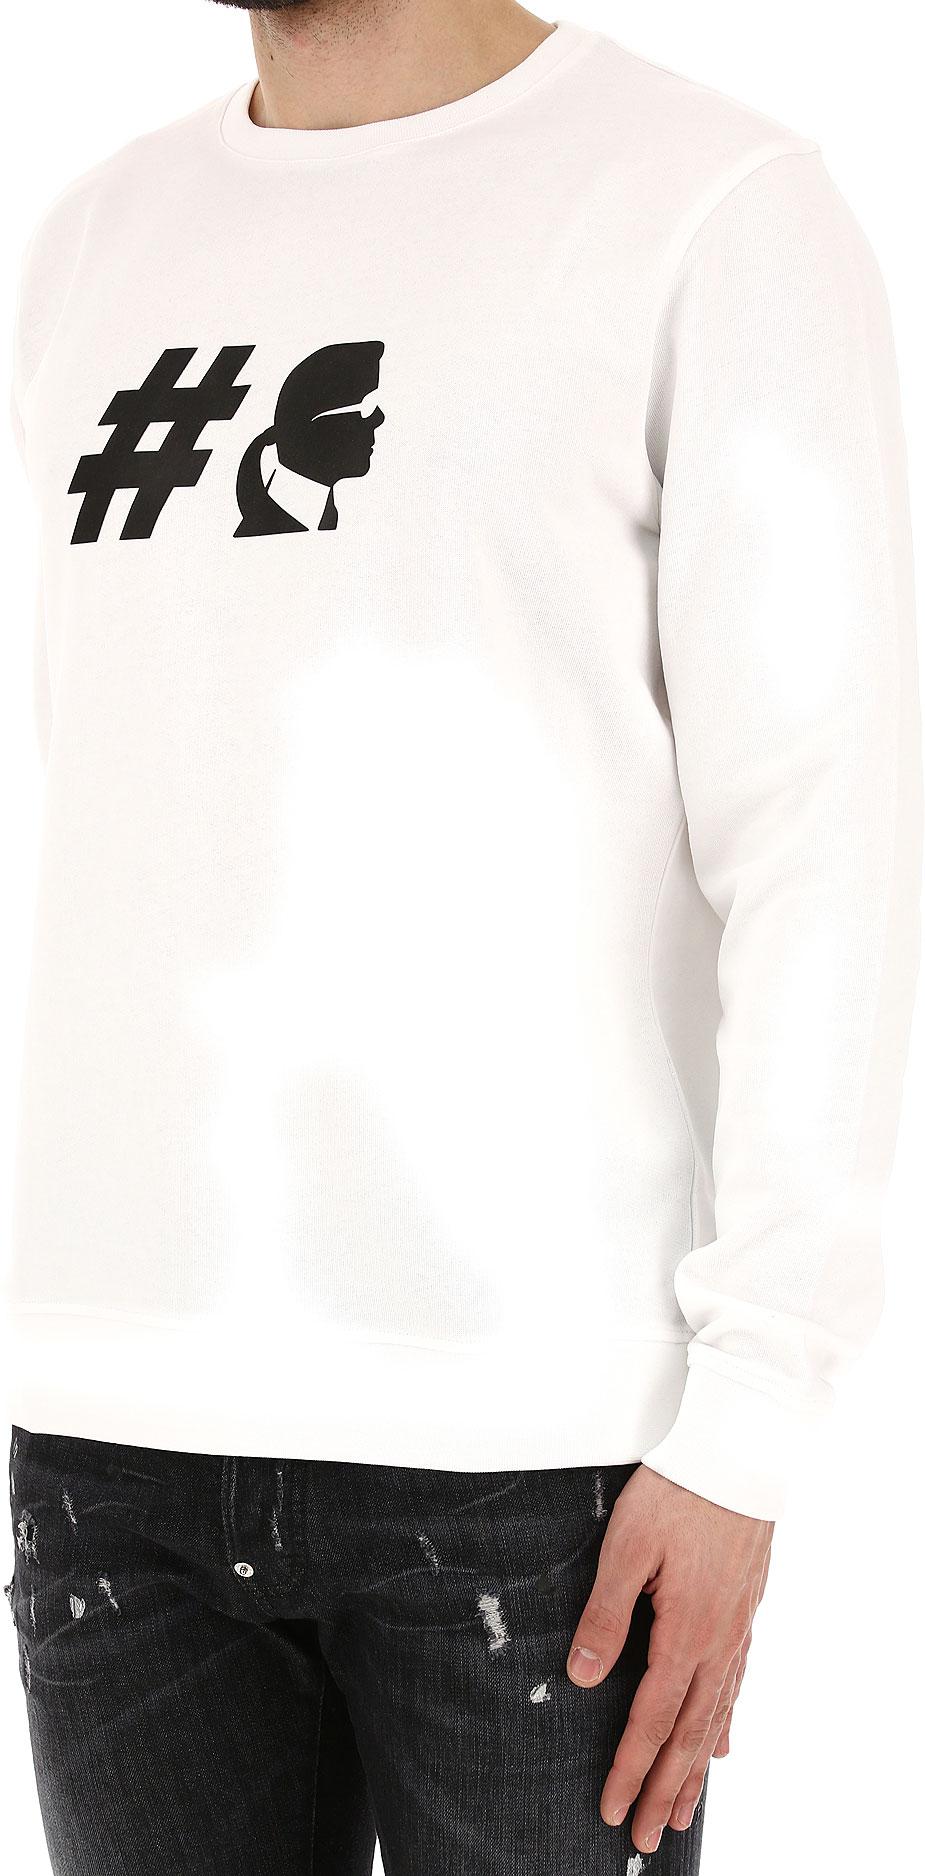 Lagerfeld Abbigliamento 500999 Articolo Karl Abbigliamento 705899 Uomo Uomo Codice q1wqHIT